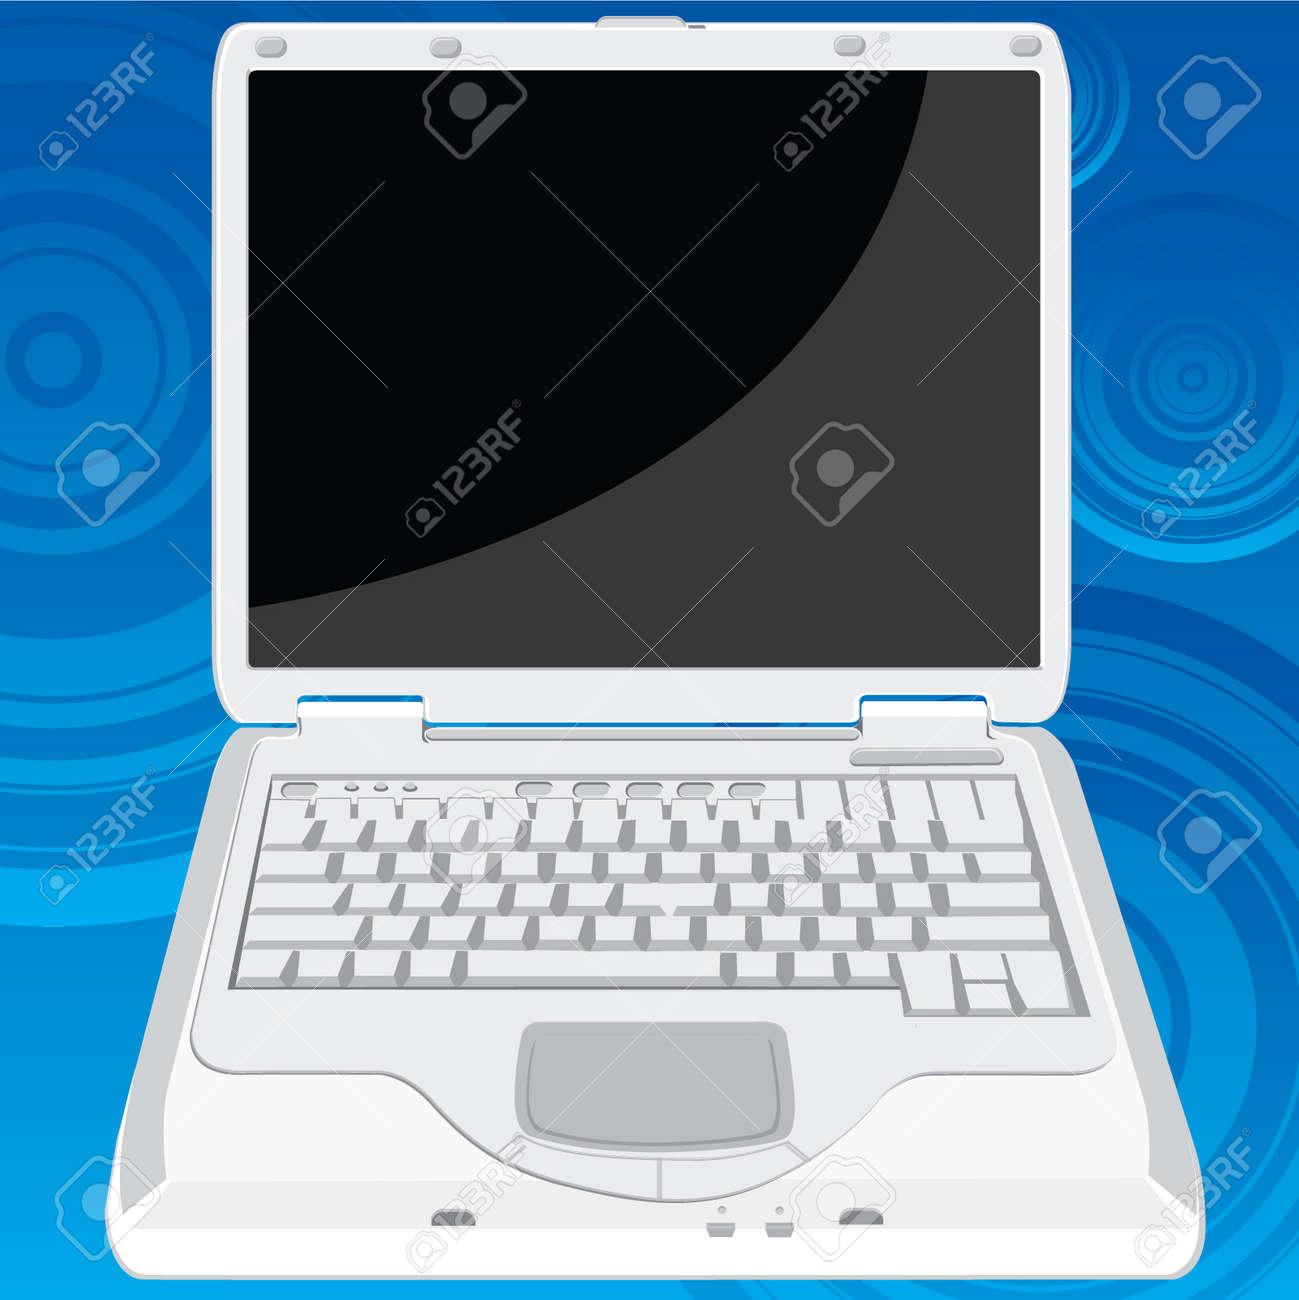 La Première Perspective D Un Ordinateur Portable Qui Peut être Utilisée Dans N Importe Quel But L Ordinateur Portable écran Peut Remplacer Par Une